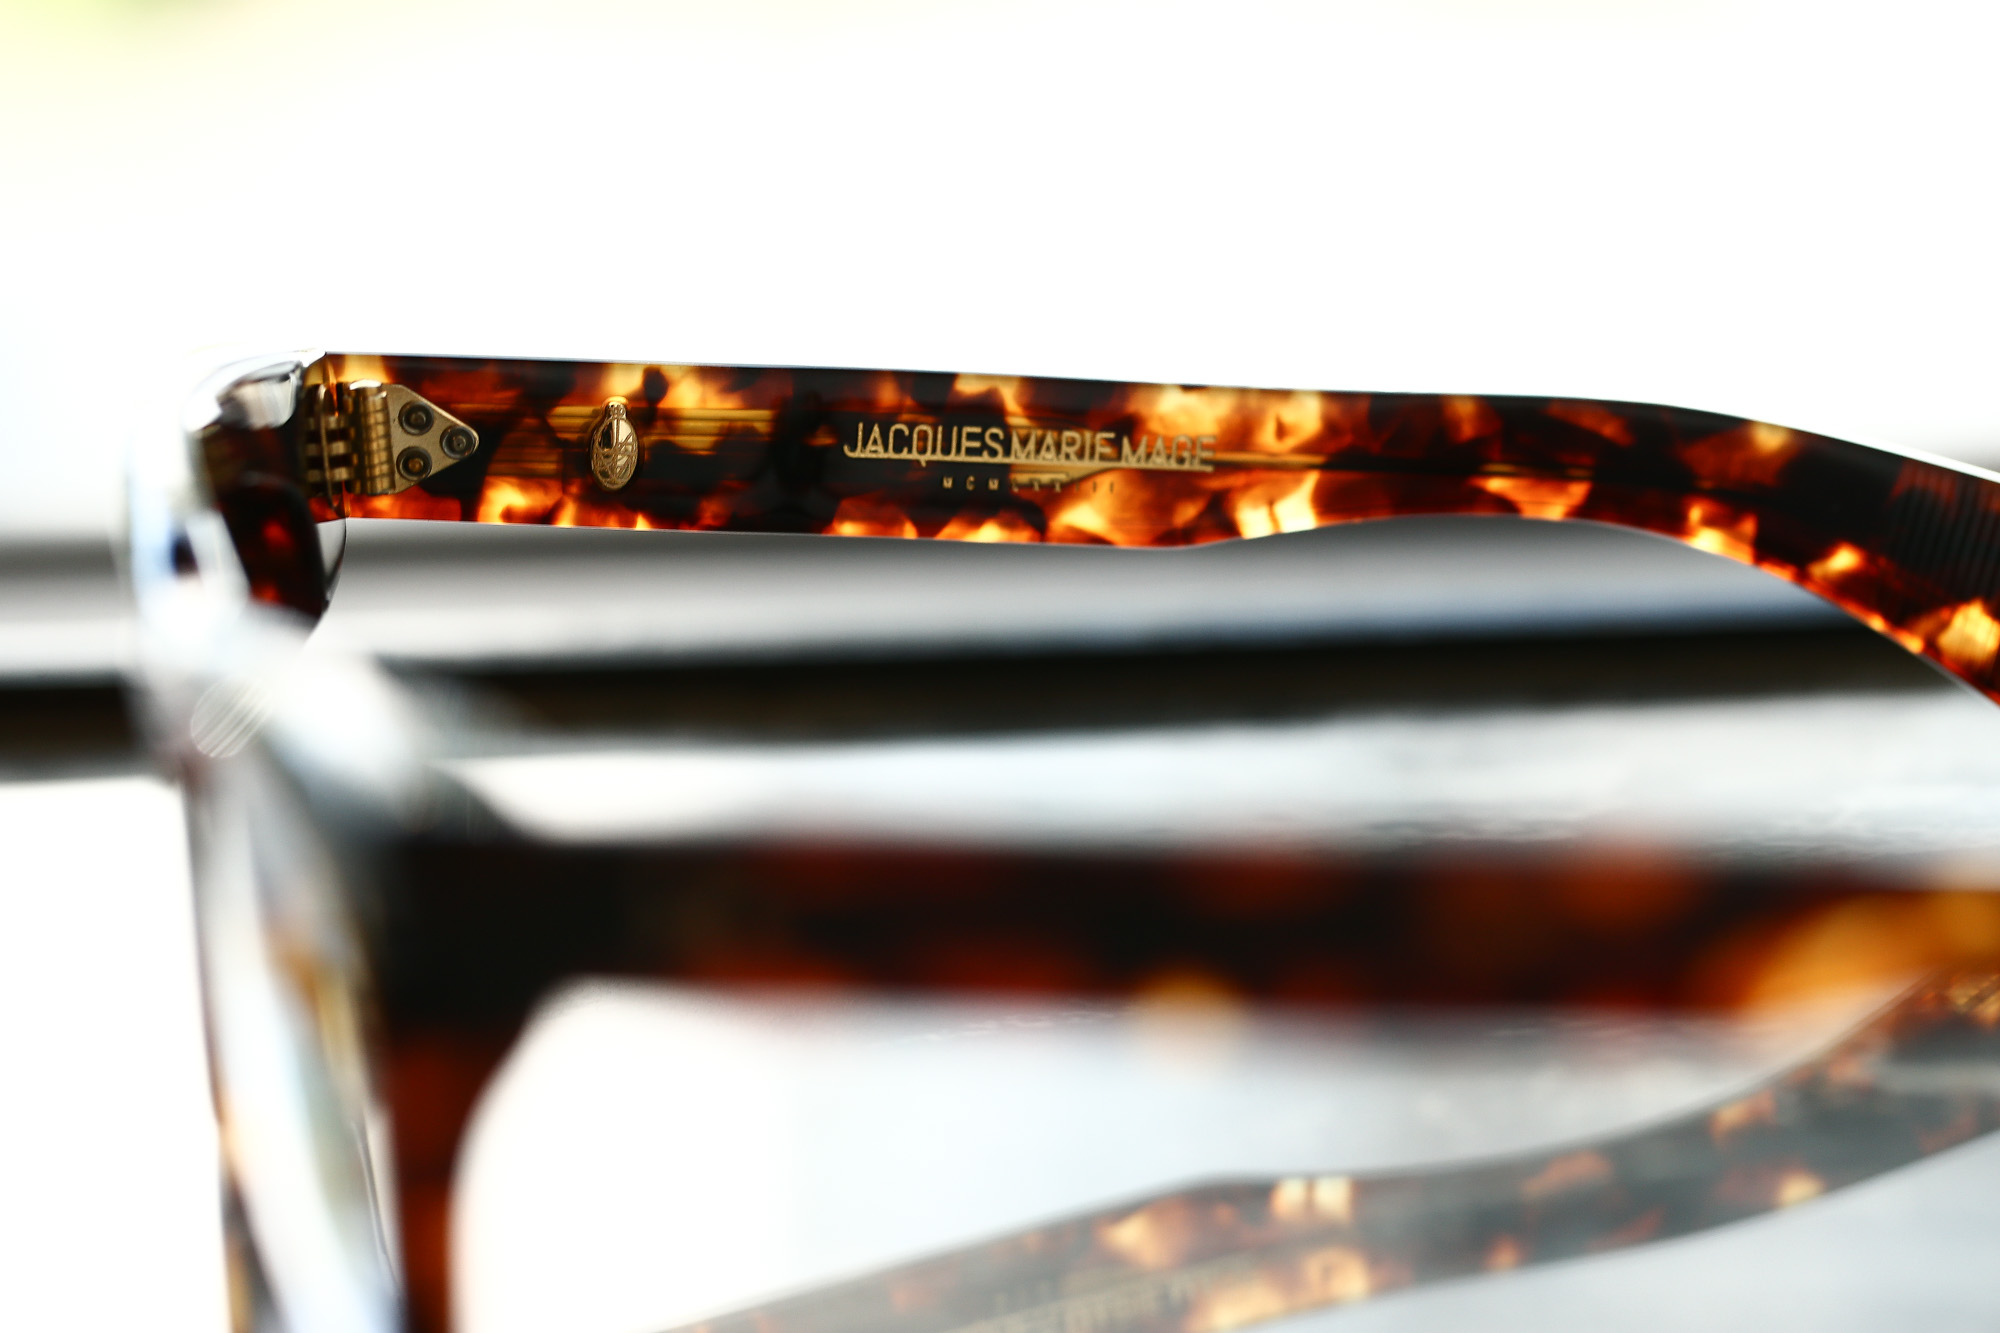 JACQUESMARIEMAGE (ジャックマリーマージュ) DEALAN RX (ディランRX) Bob Dylan (ボブ・ディラン) 18K GOLD ゴールドパーツ ウェリントン型 アイウェア サングラス HAVANA (ハバナ) HANDCRAFTED IN JAPAN(日本製) 2018 春夏新作 jacquesmariemage 愛知 名古屋 ZODIAC ゾディアック